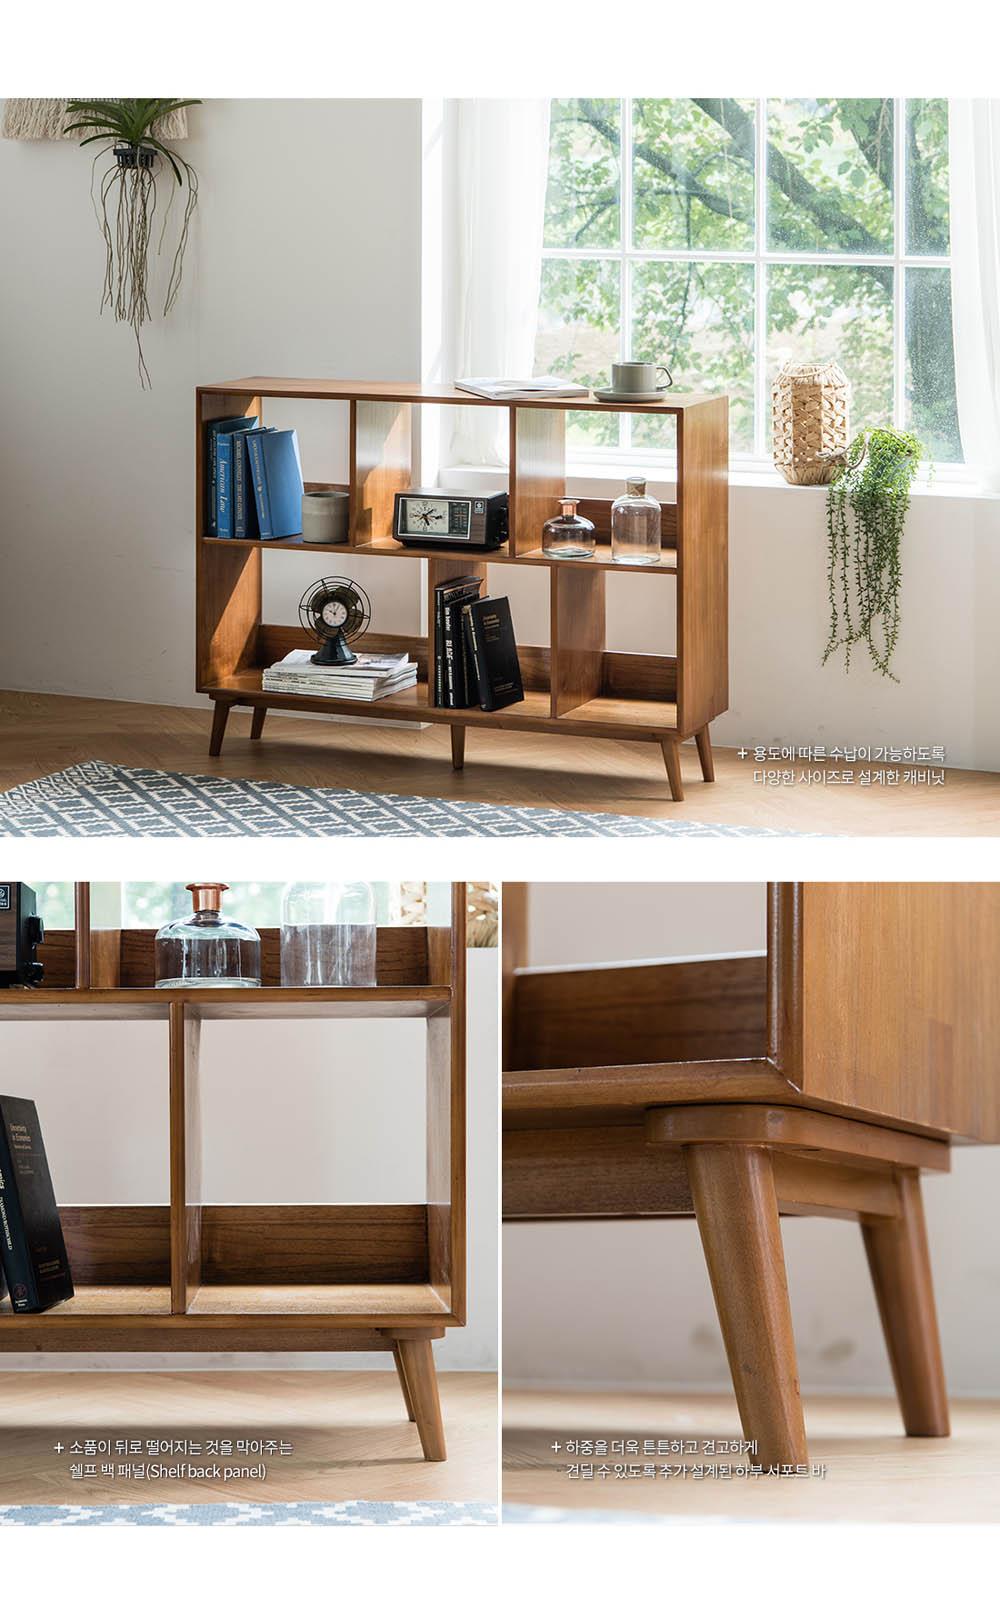 New_Retro_Square_Book_Shelf_Furniture_Online_Scenery_2_Singapore_by_born_in_colour